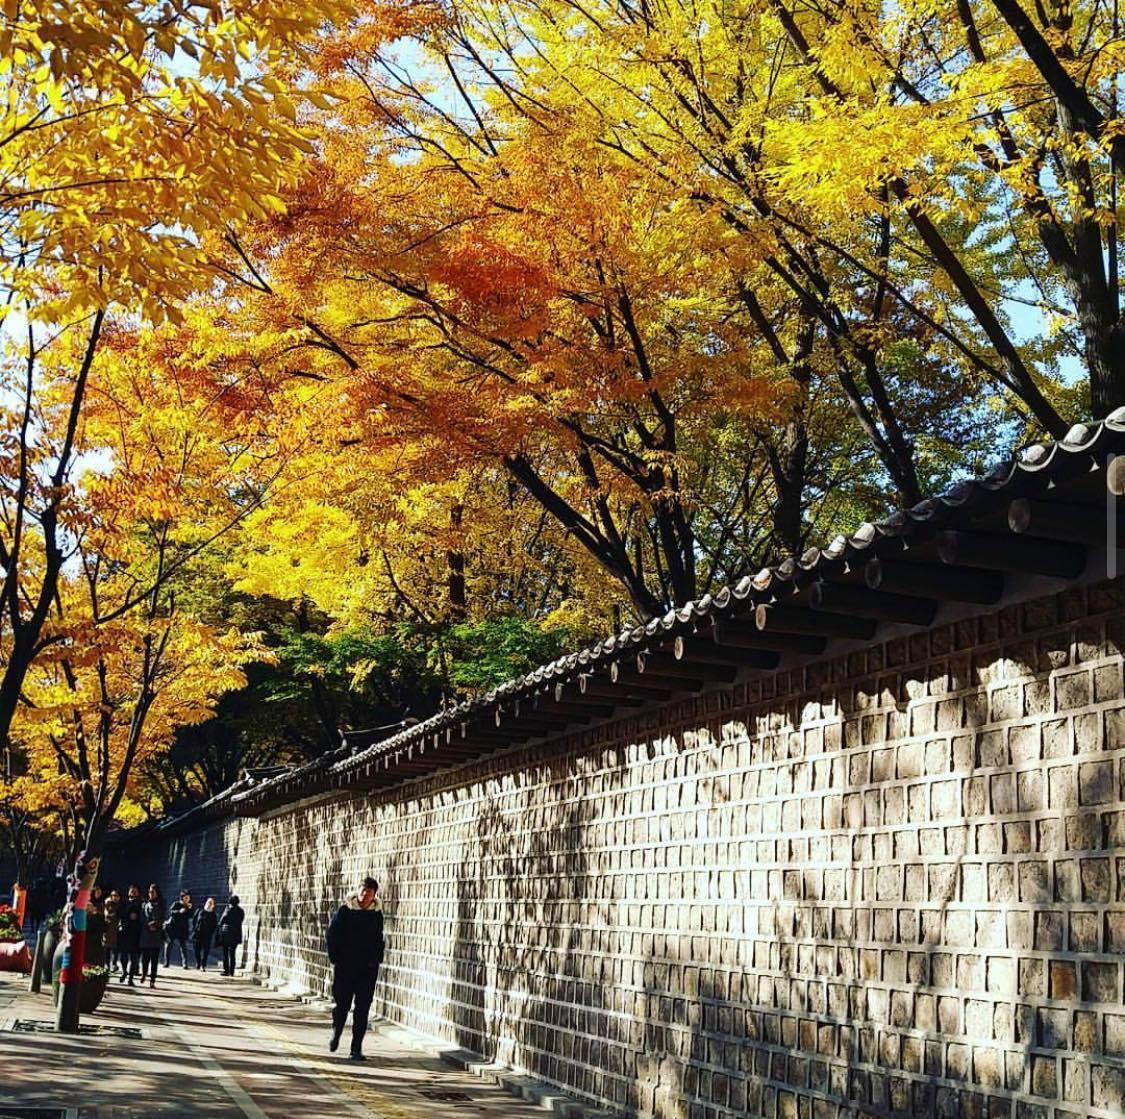 德壽宮石牆路為著名賞楓景點,卻是情侶禁忌之地。圖/取自IG: glenna930...